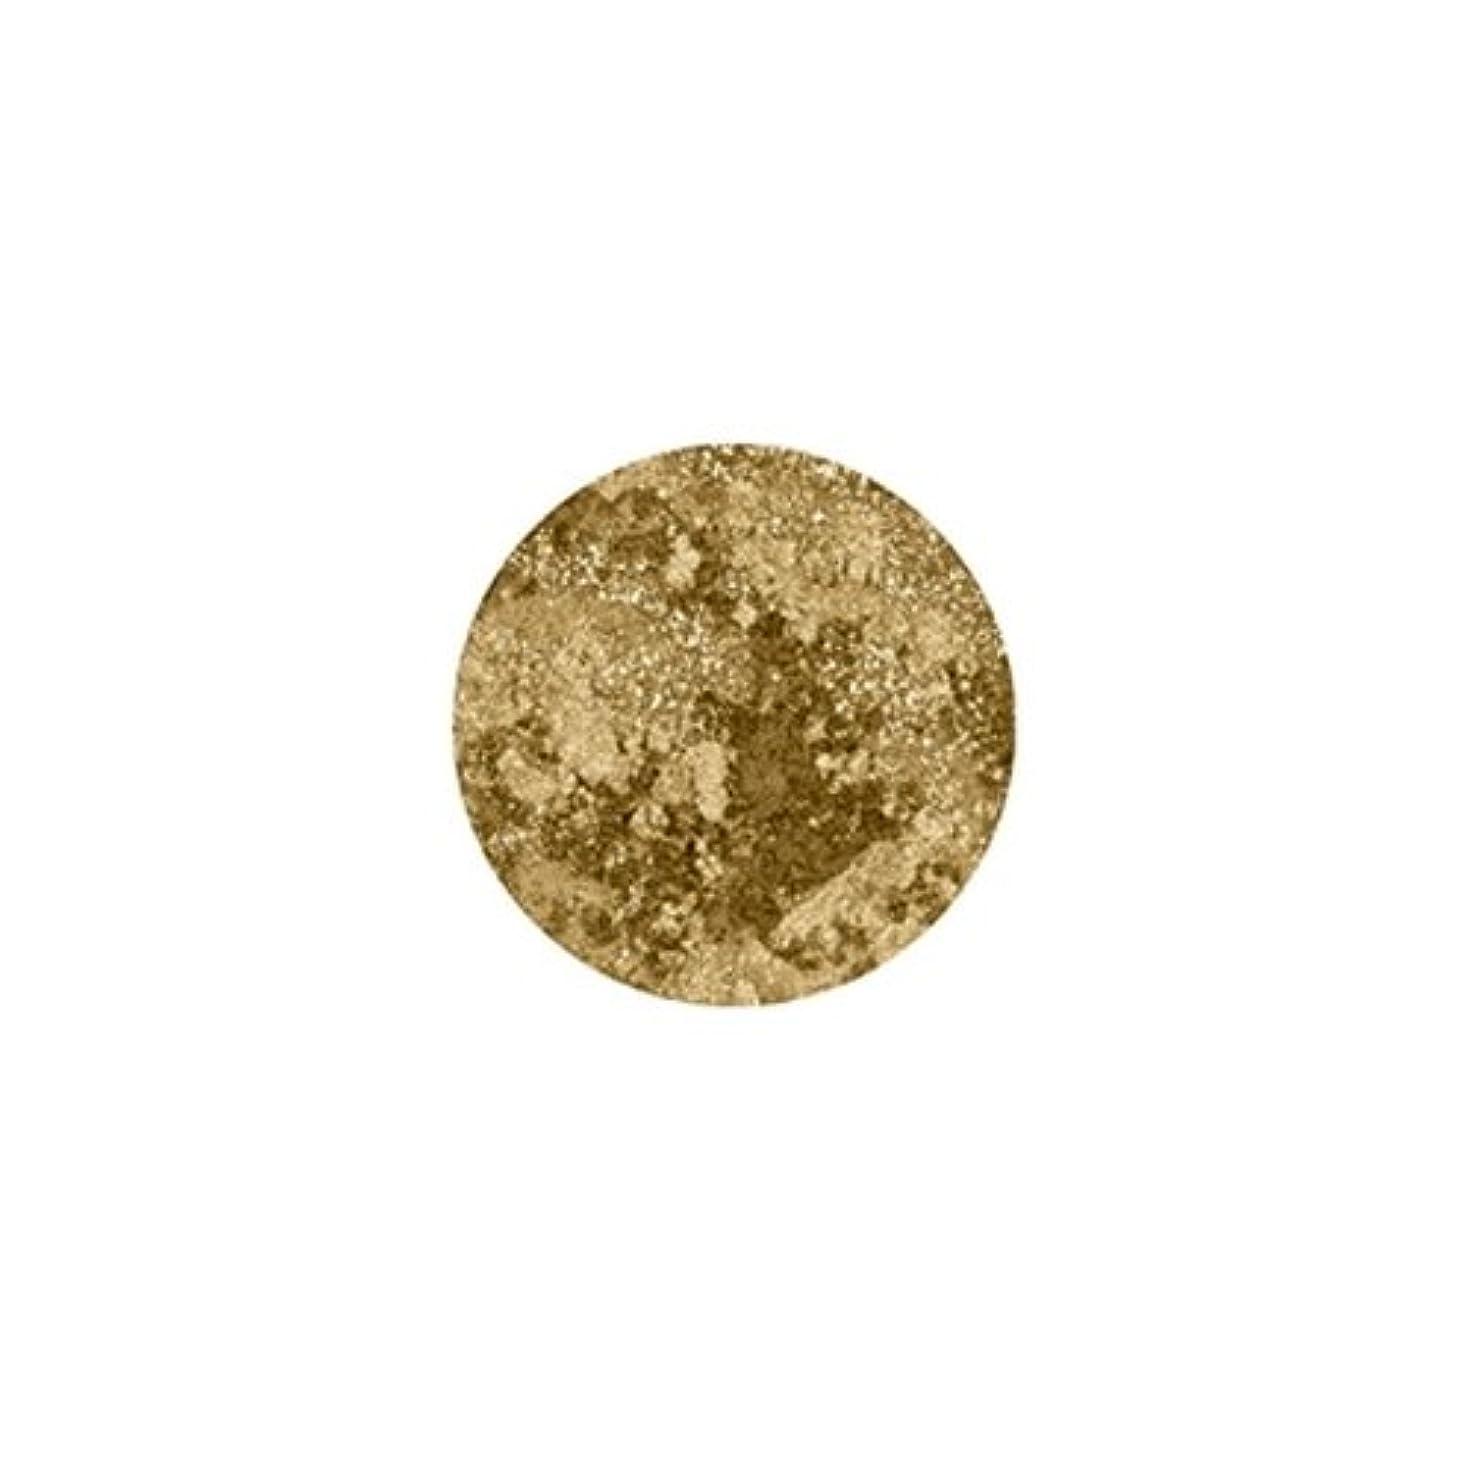 浮く郵便物多くの危険がある状況(6 Pack) JORDANA Eye Glitz Sparkling Cream Eyeshadow - Gold Gleam (並行輸入品)